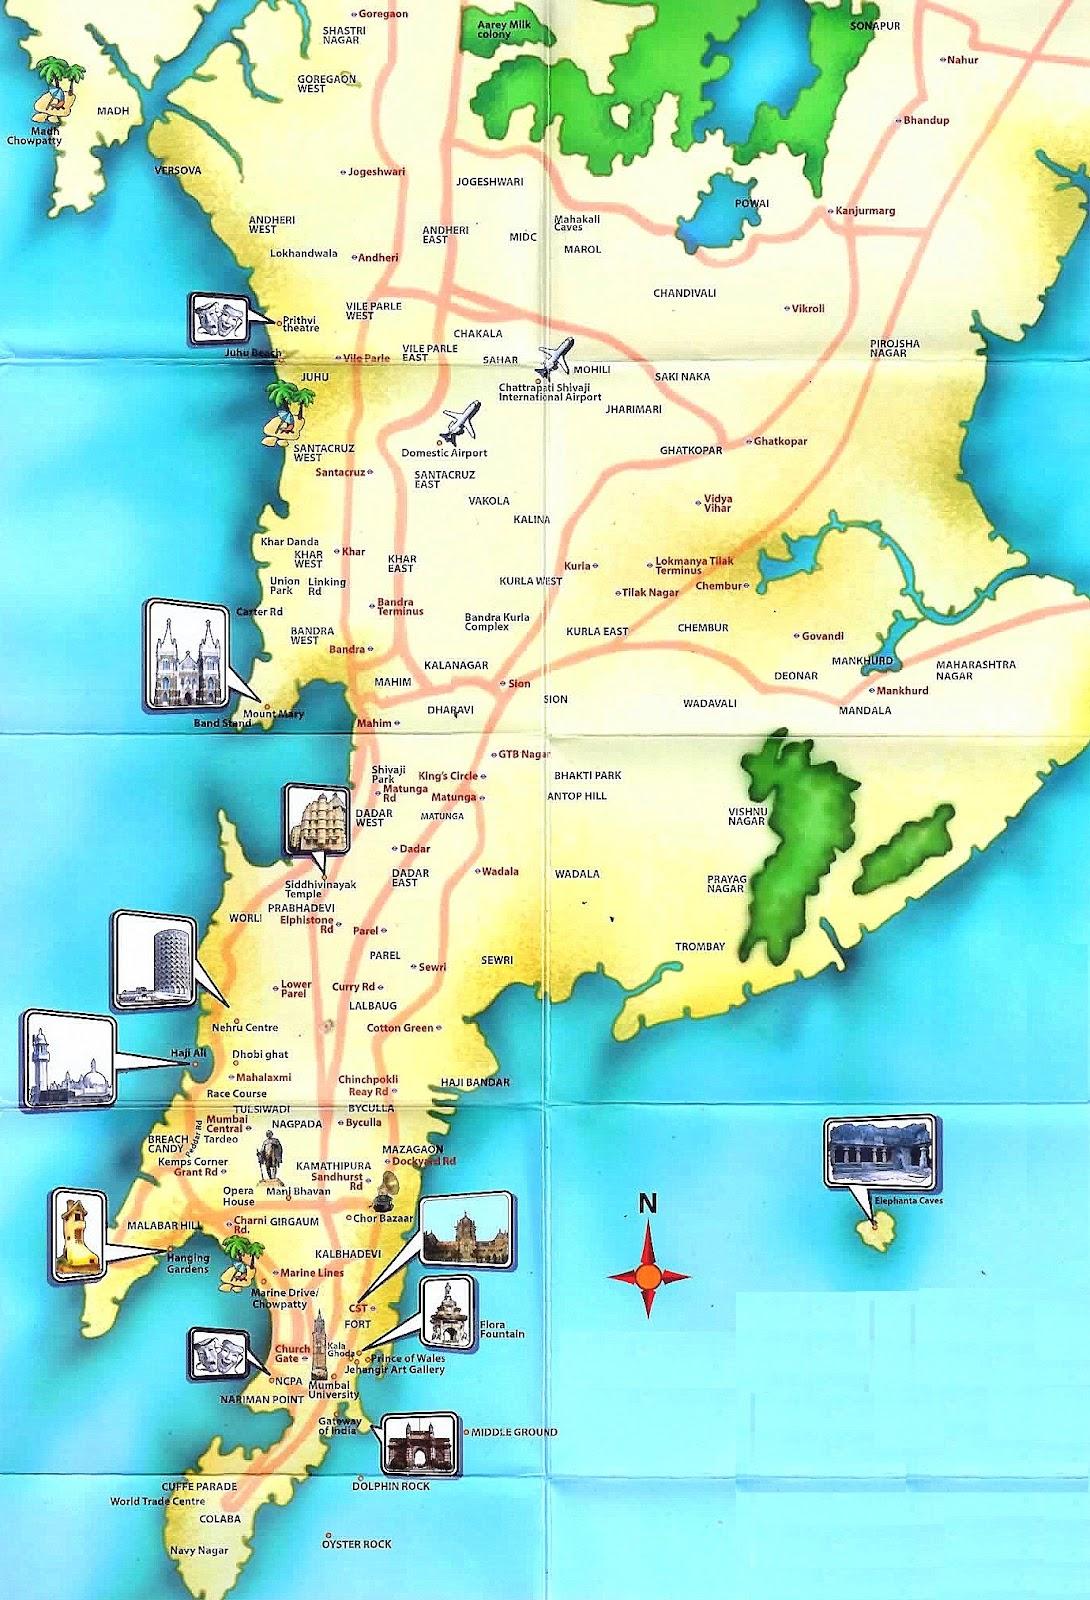 Only Mumbai: Schematic Map of Mumbai